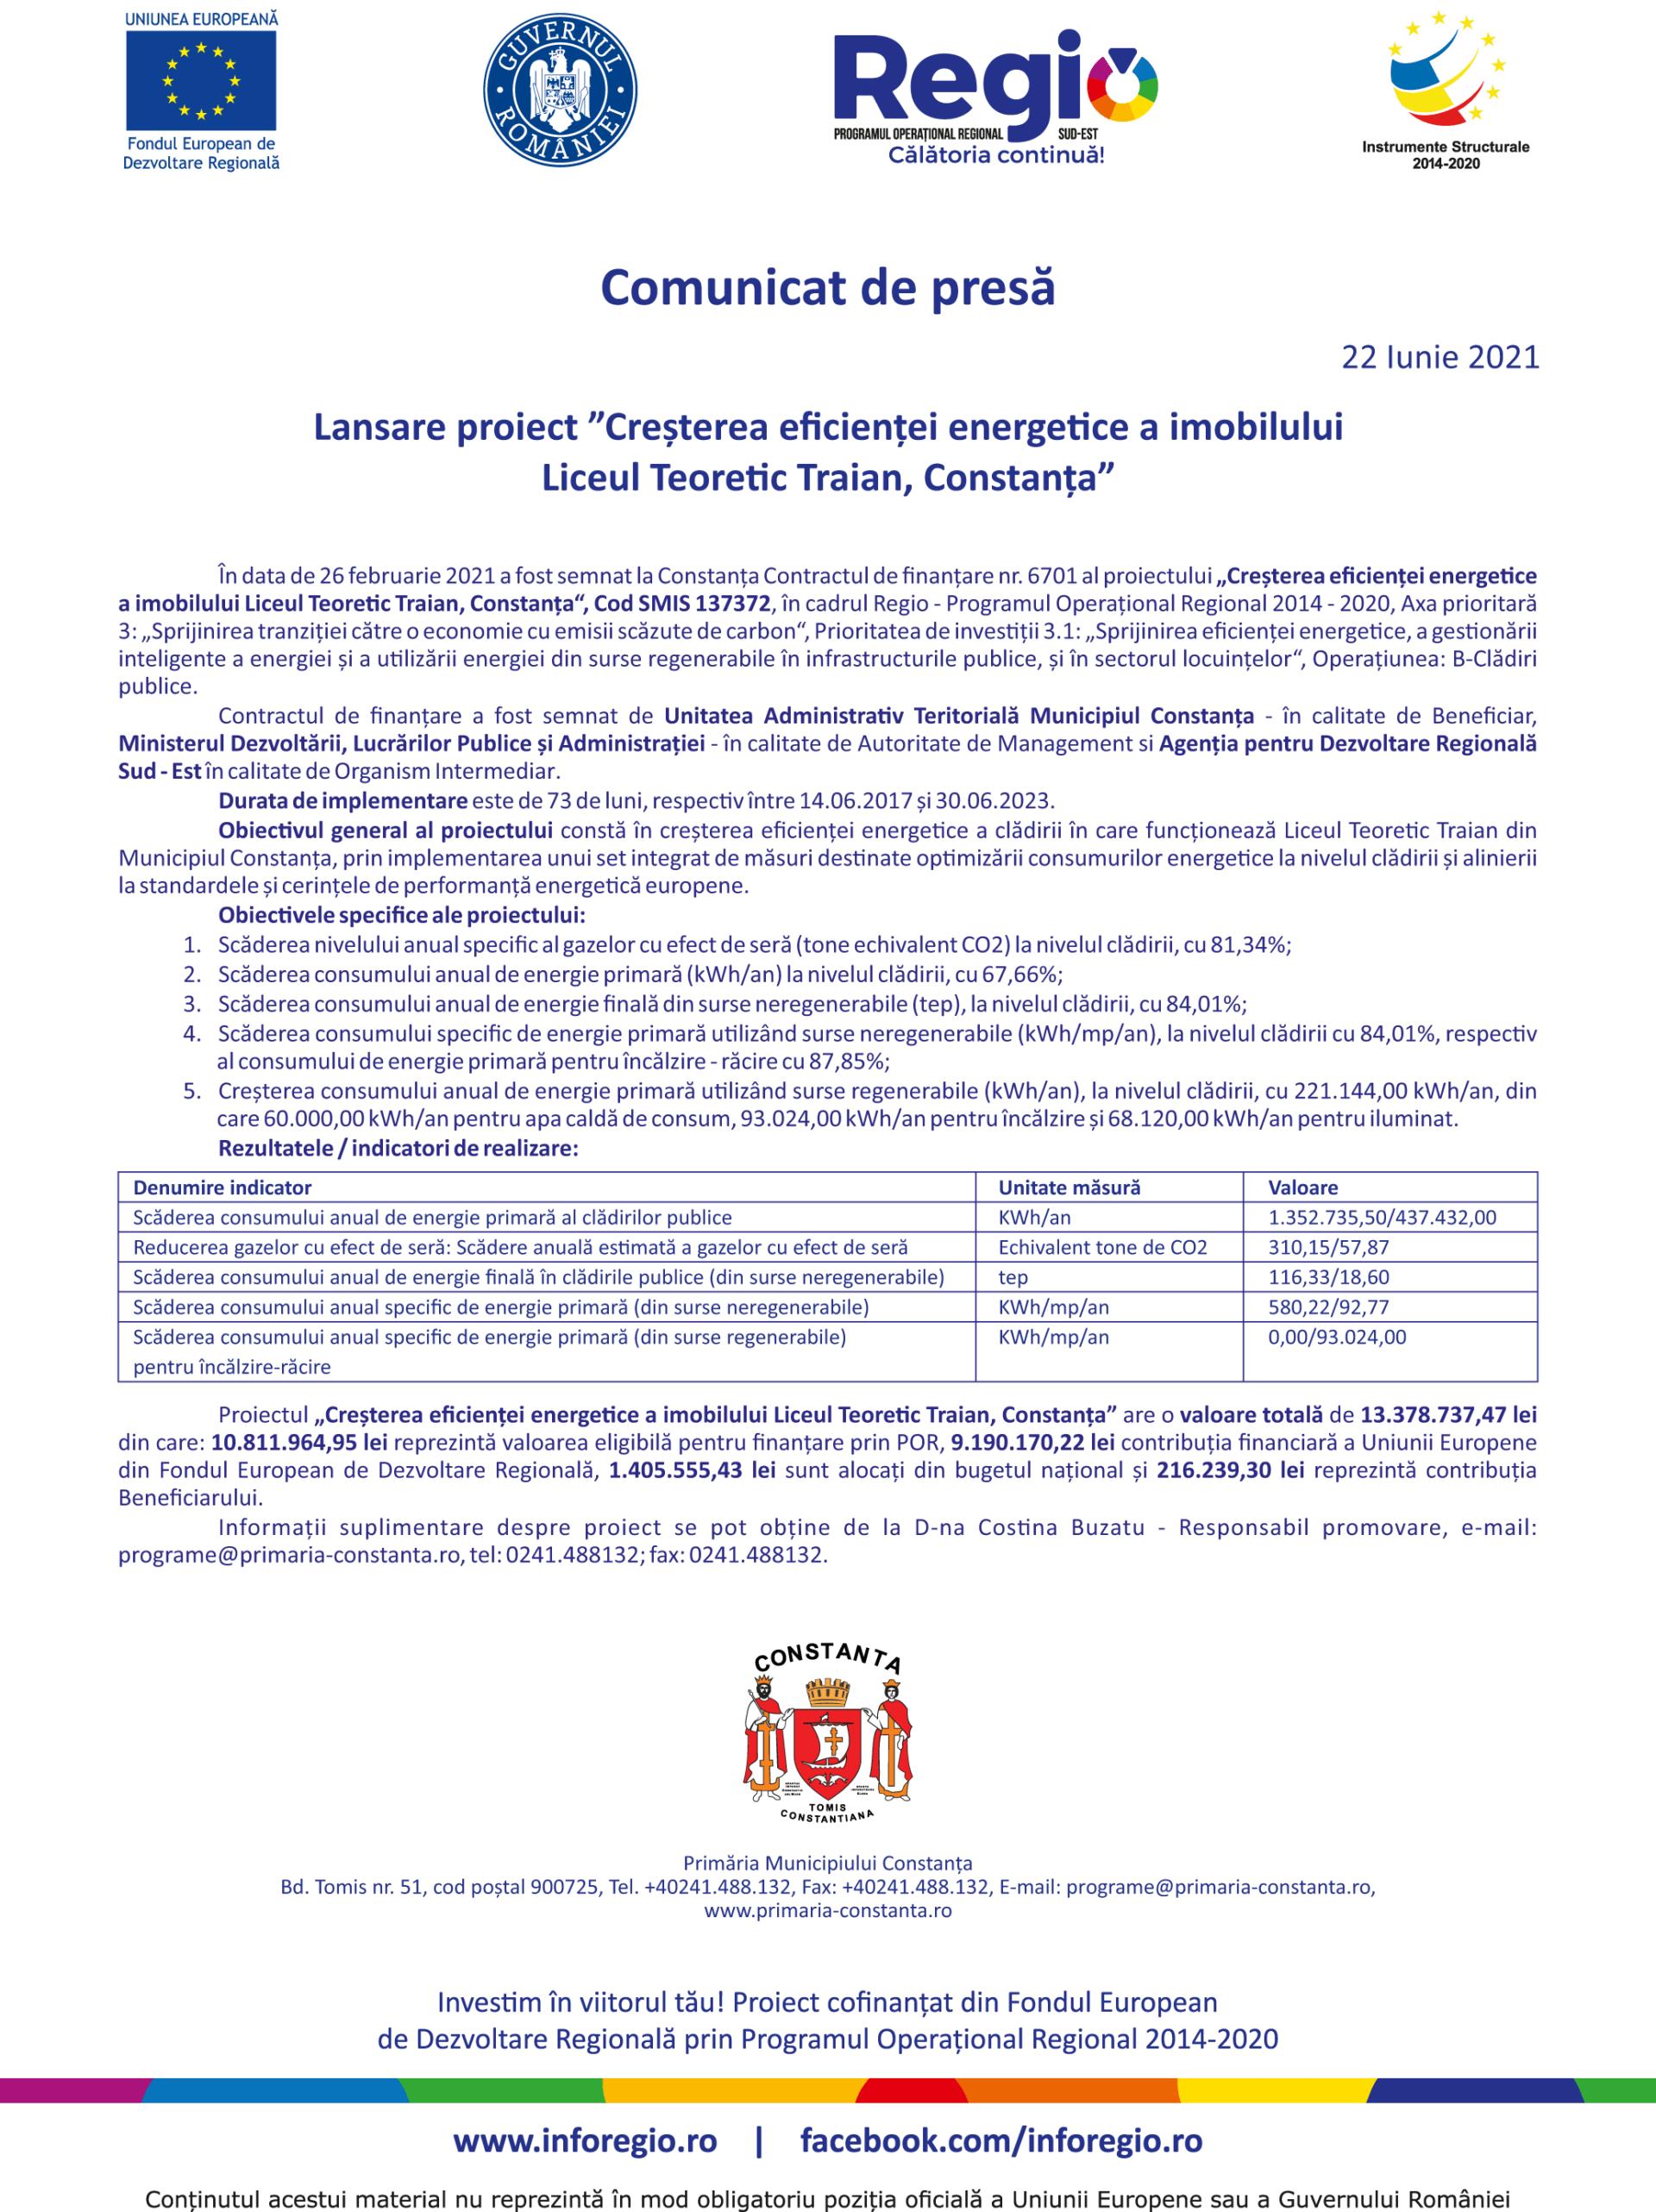 comunicat-presa-constanta-liceul-traian-v2-(1)